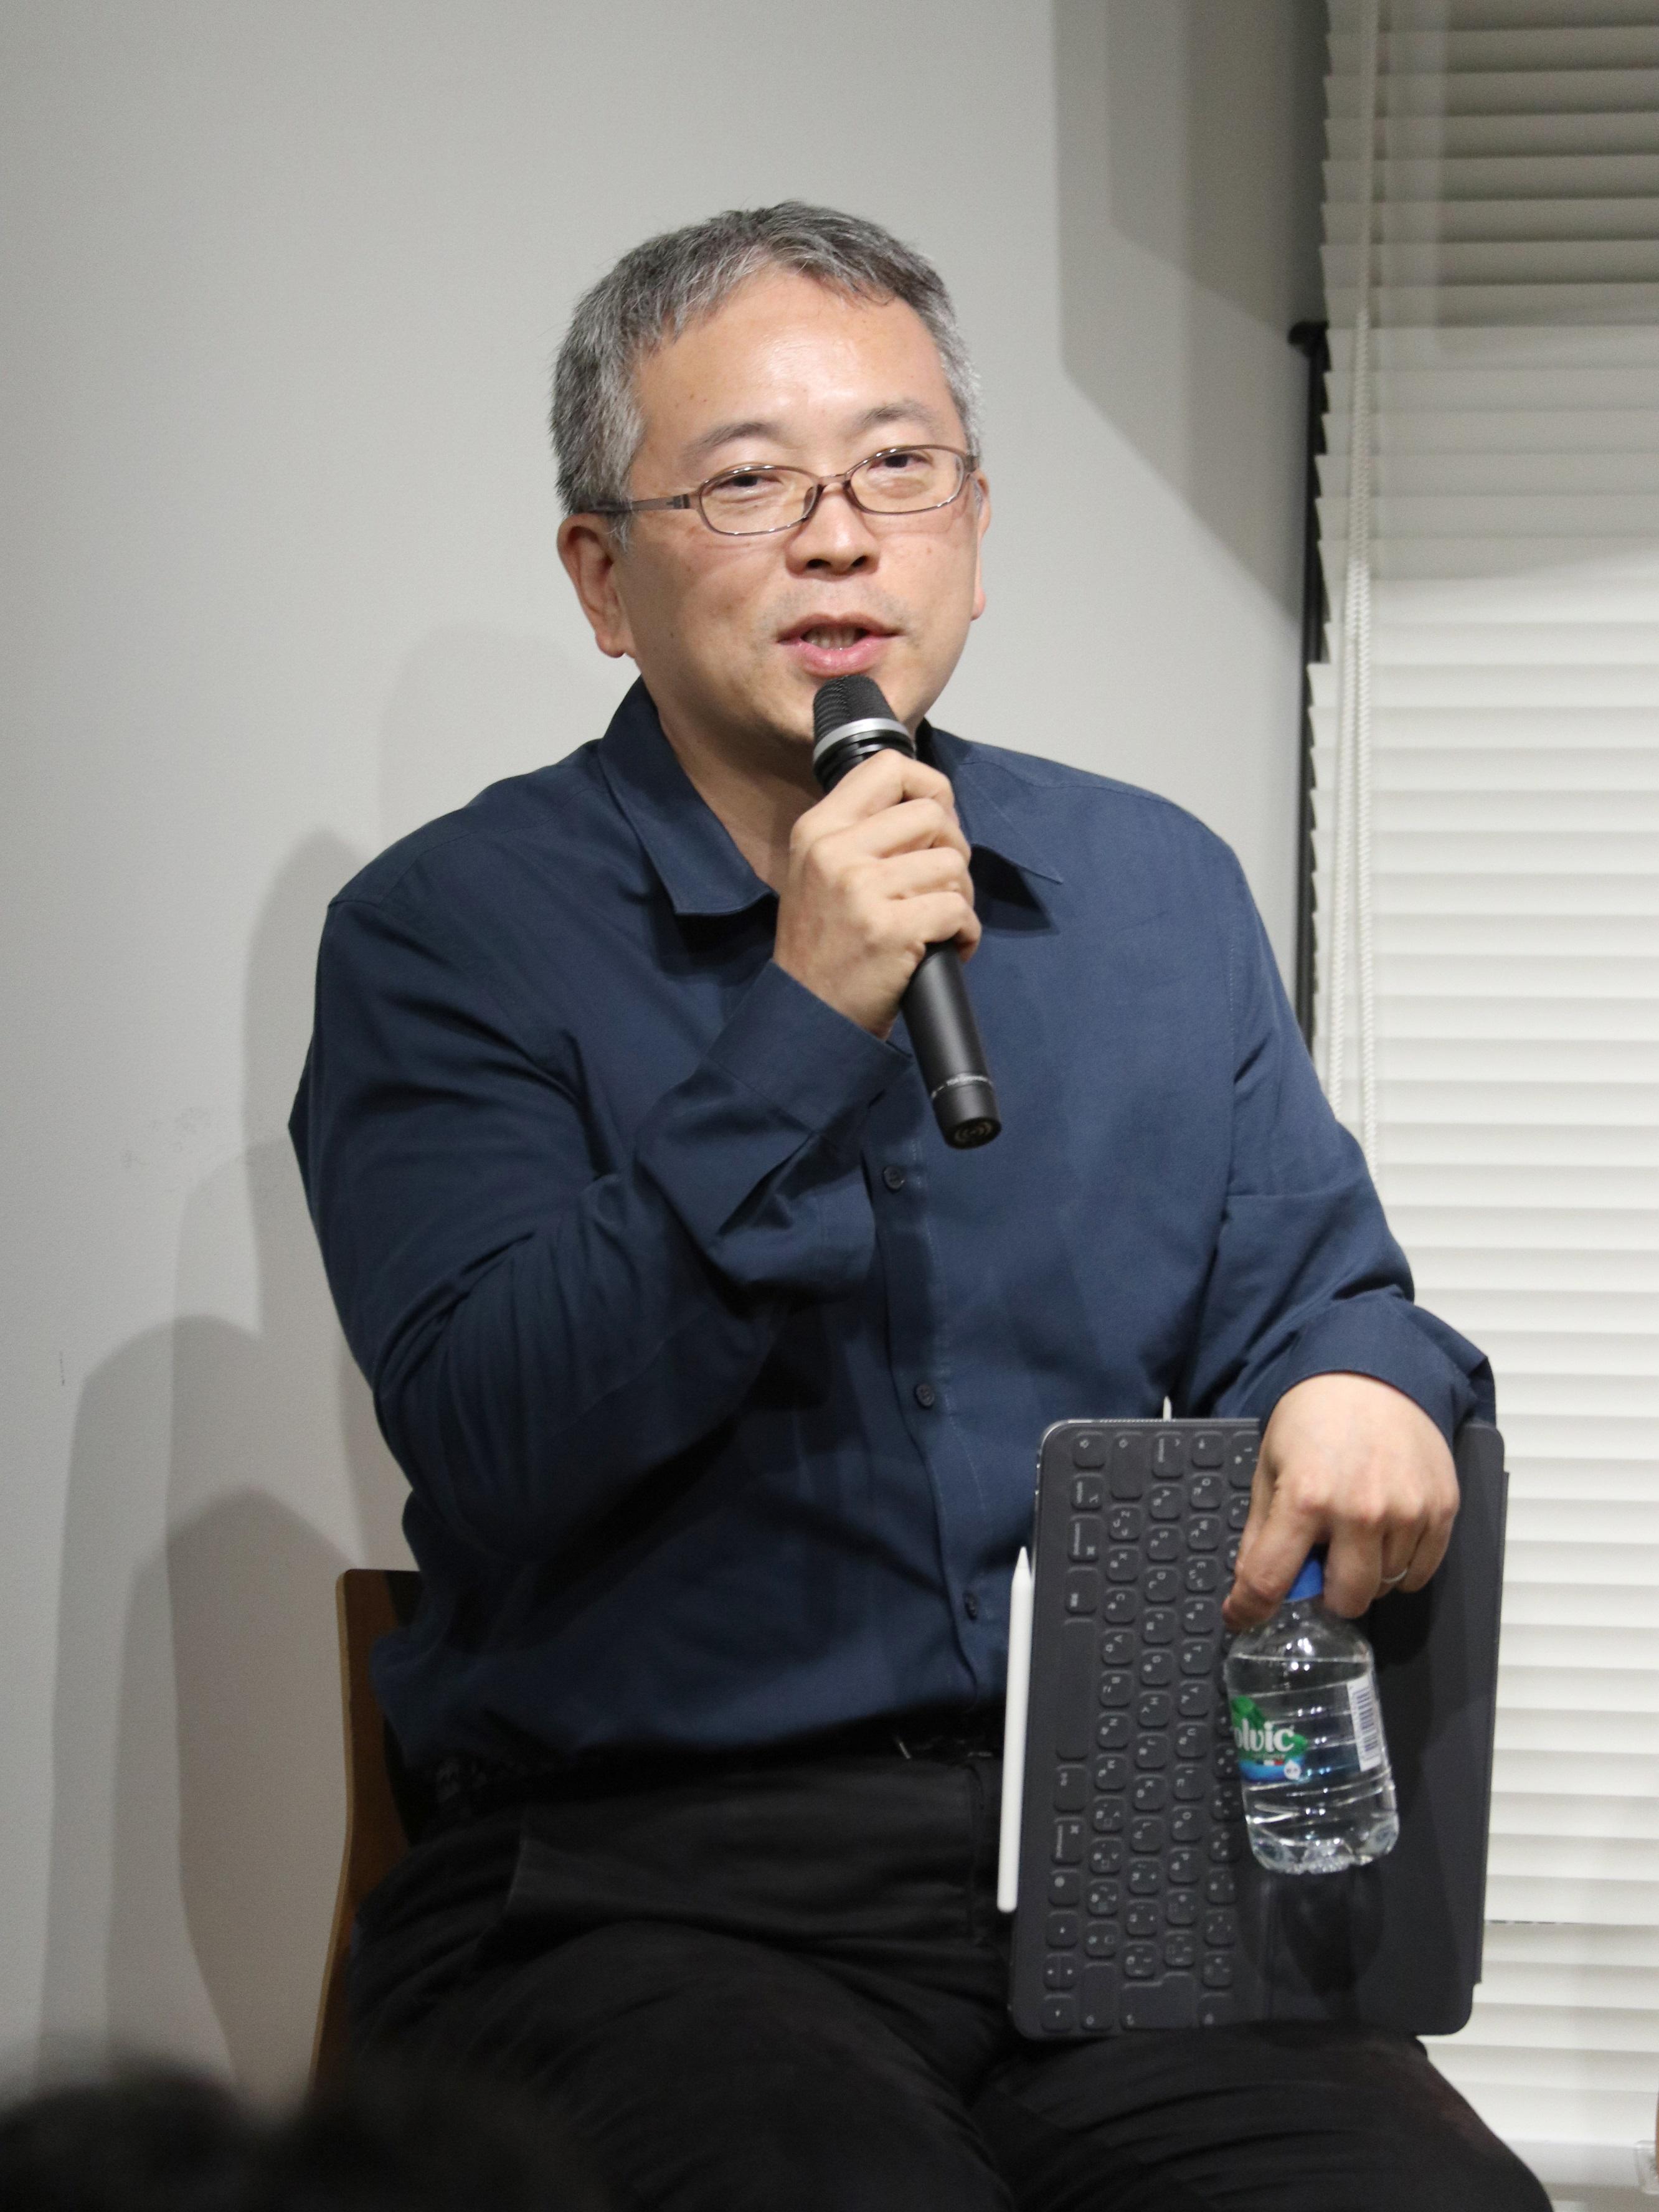 m&s partners Pte. Ltd. Founder/Director 眞下弘和氏